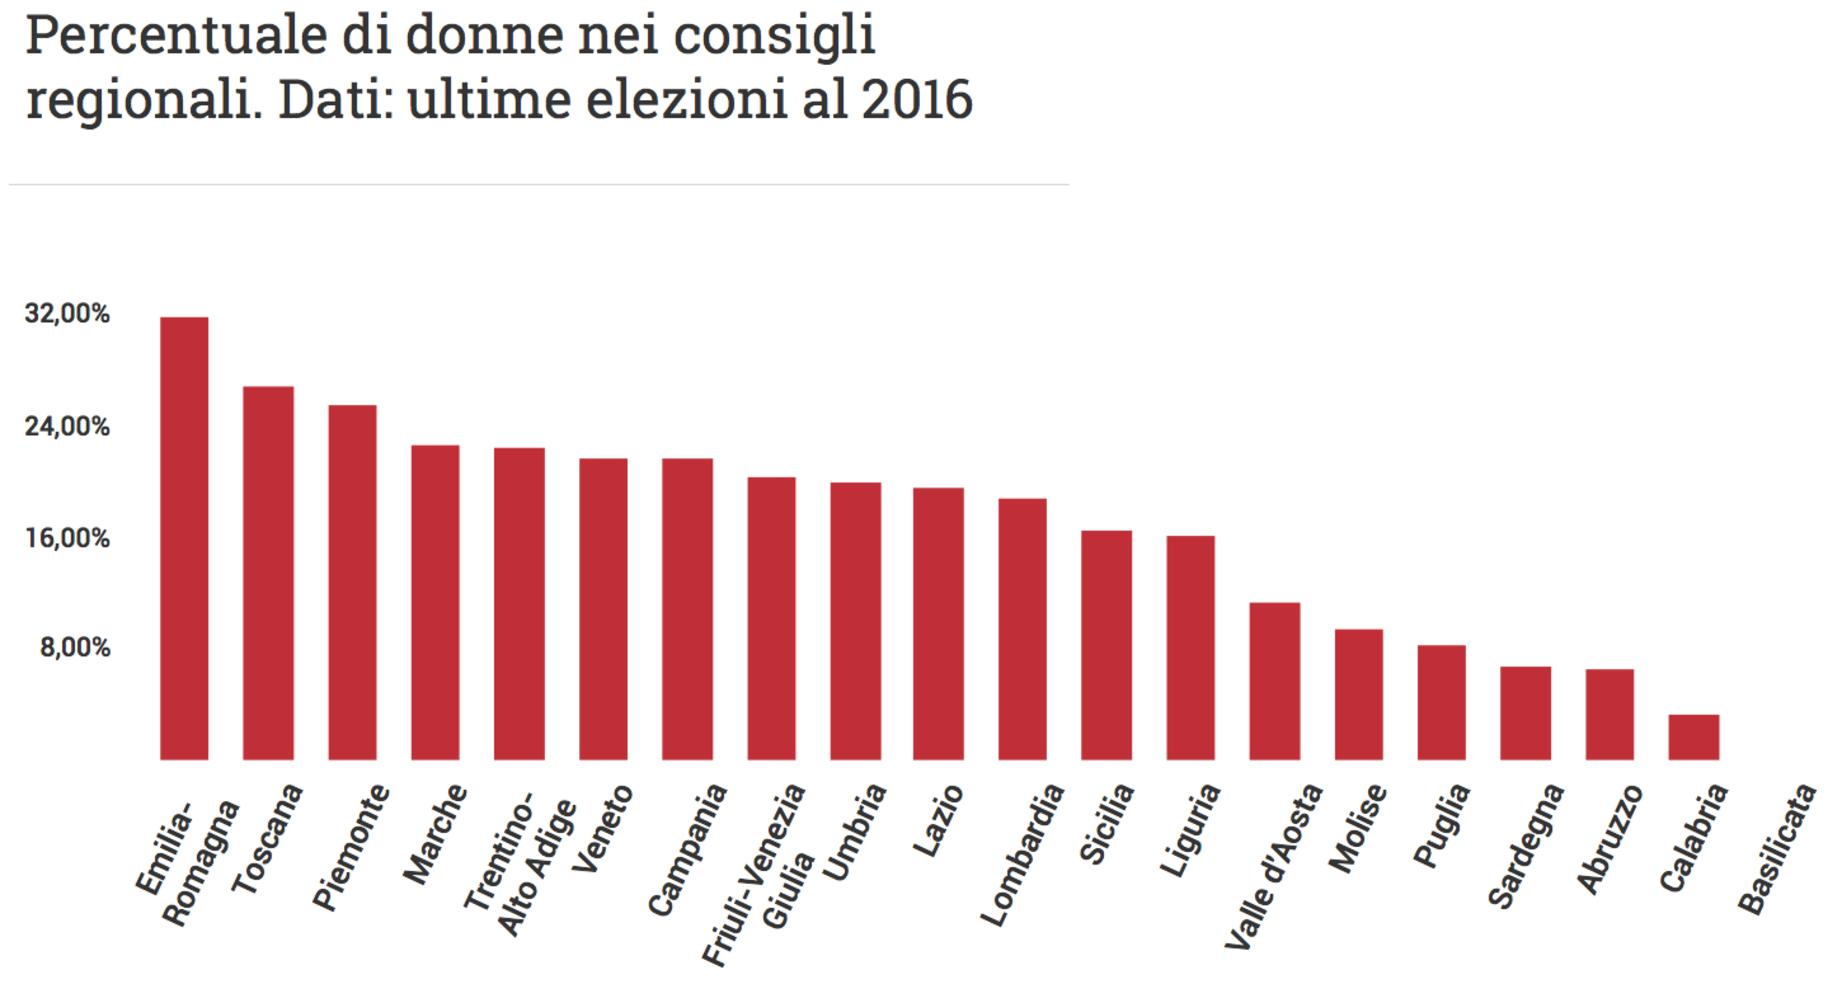 804ed0ea4b56 L'indice di successo delle donne nelle regioni italiane